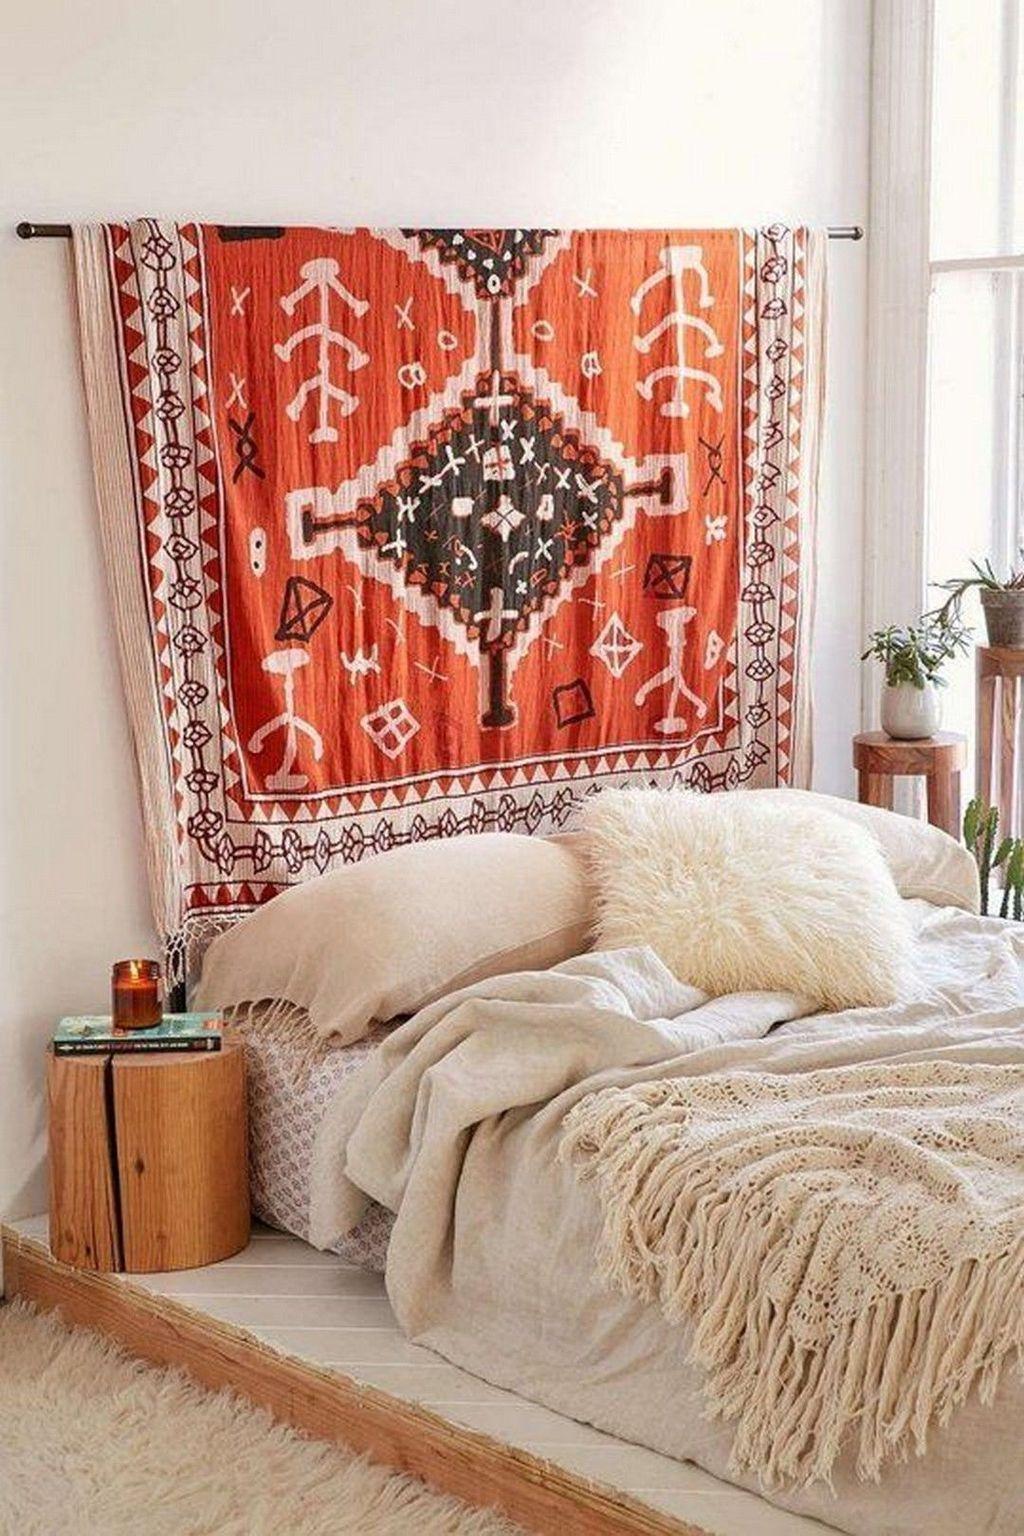 Boho Bedroom Ideas On A Budget